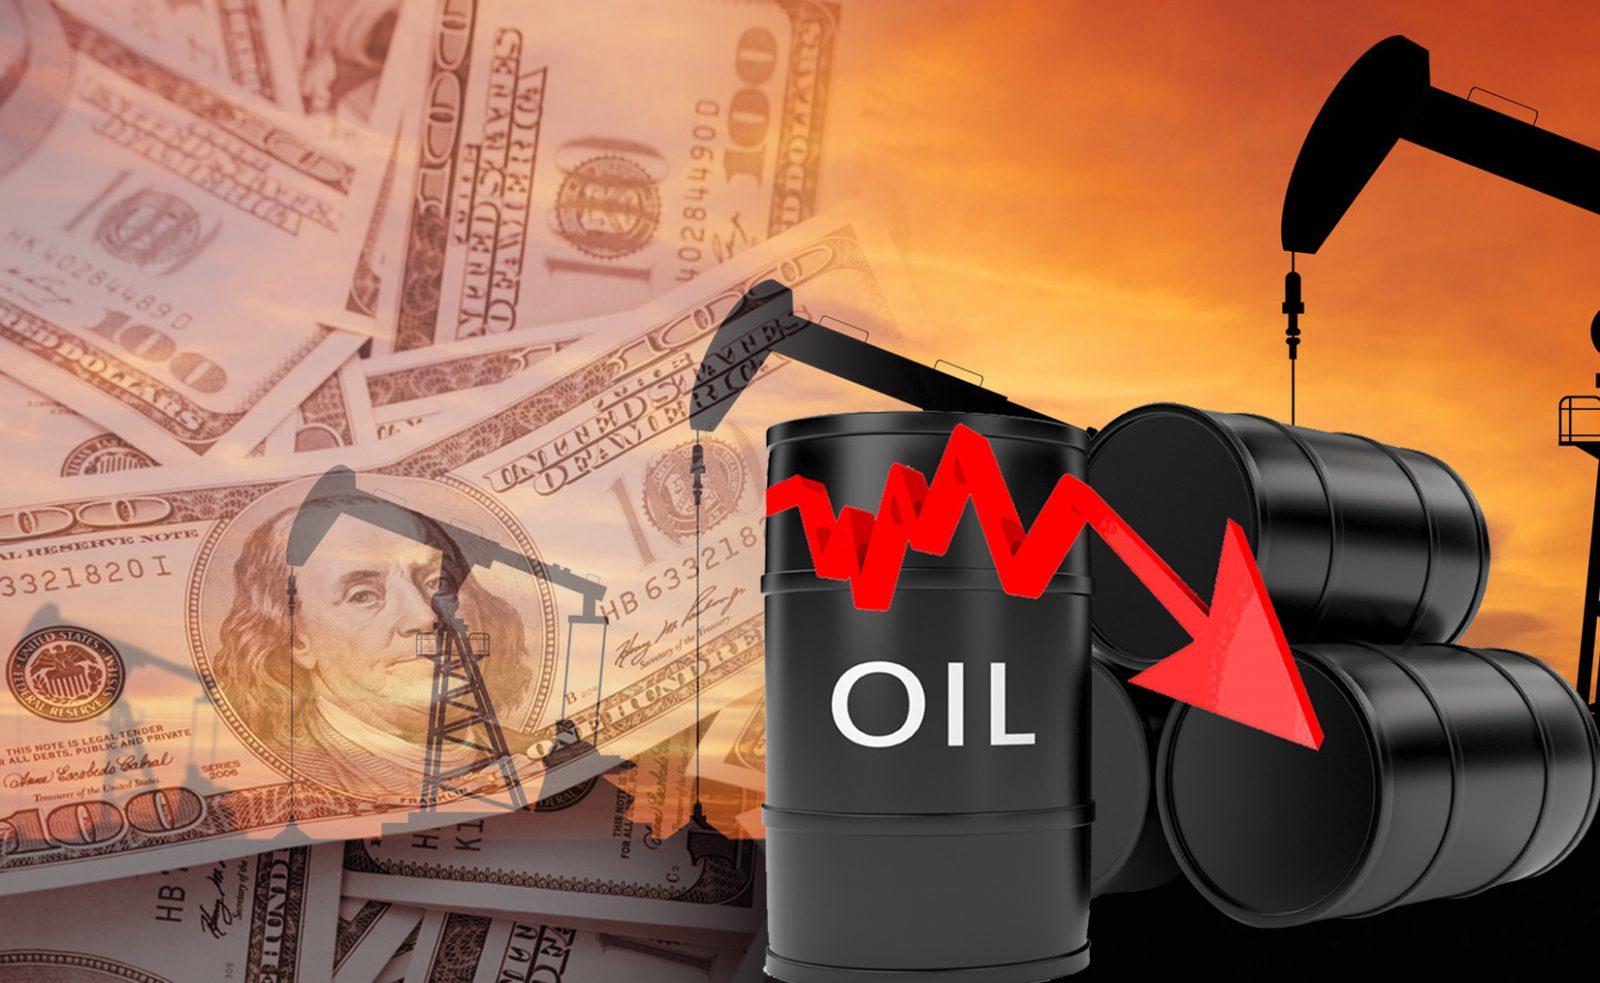 برميل النفط الكويتي ينخفض - سعر برميل النفط الكويتي ينخفض لـ 70.61 دولار